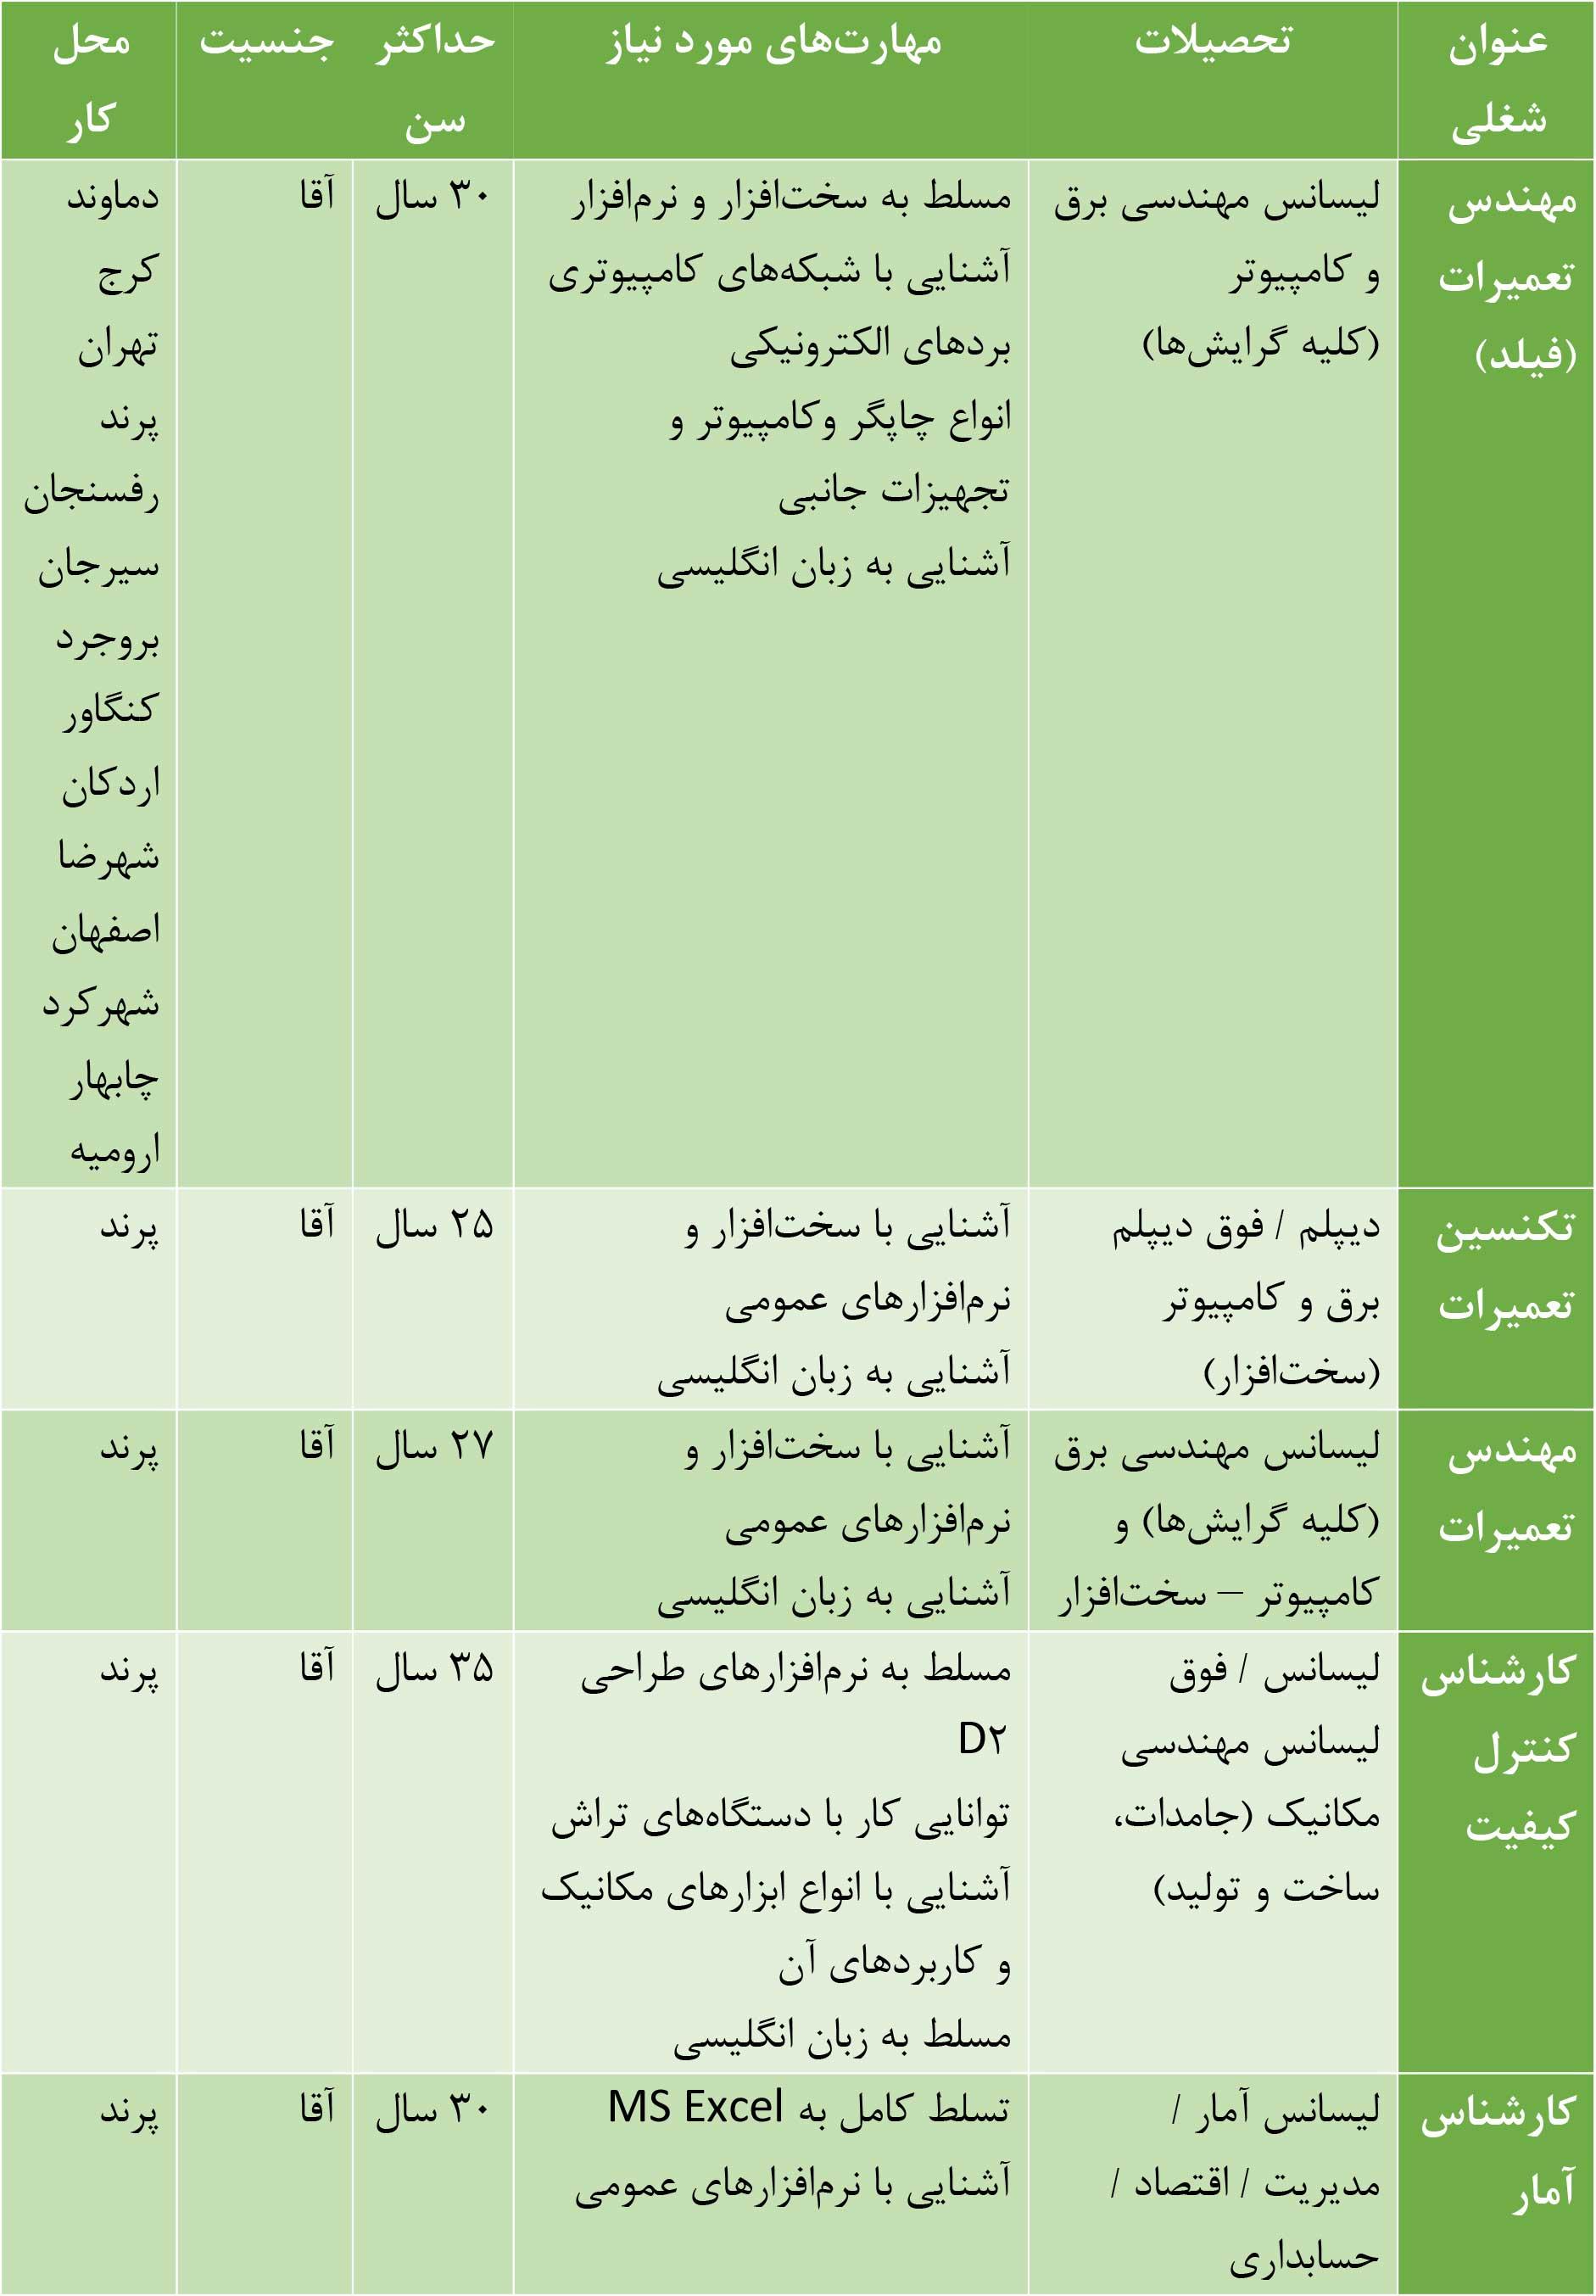 شرکت ایران ارقام در حوزههای تخصصی استخدام میکند